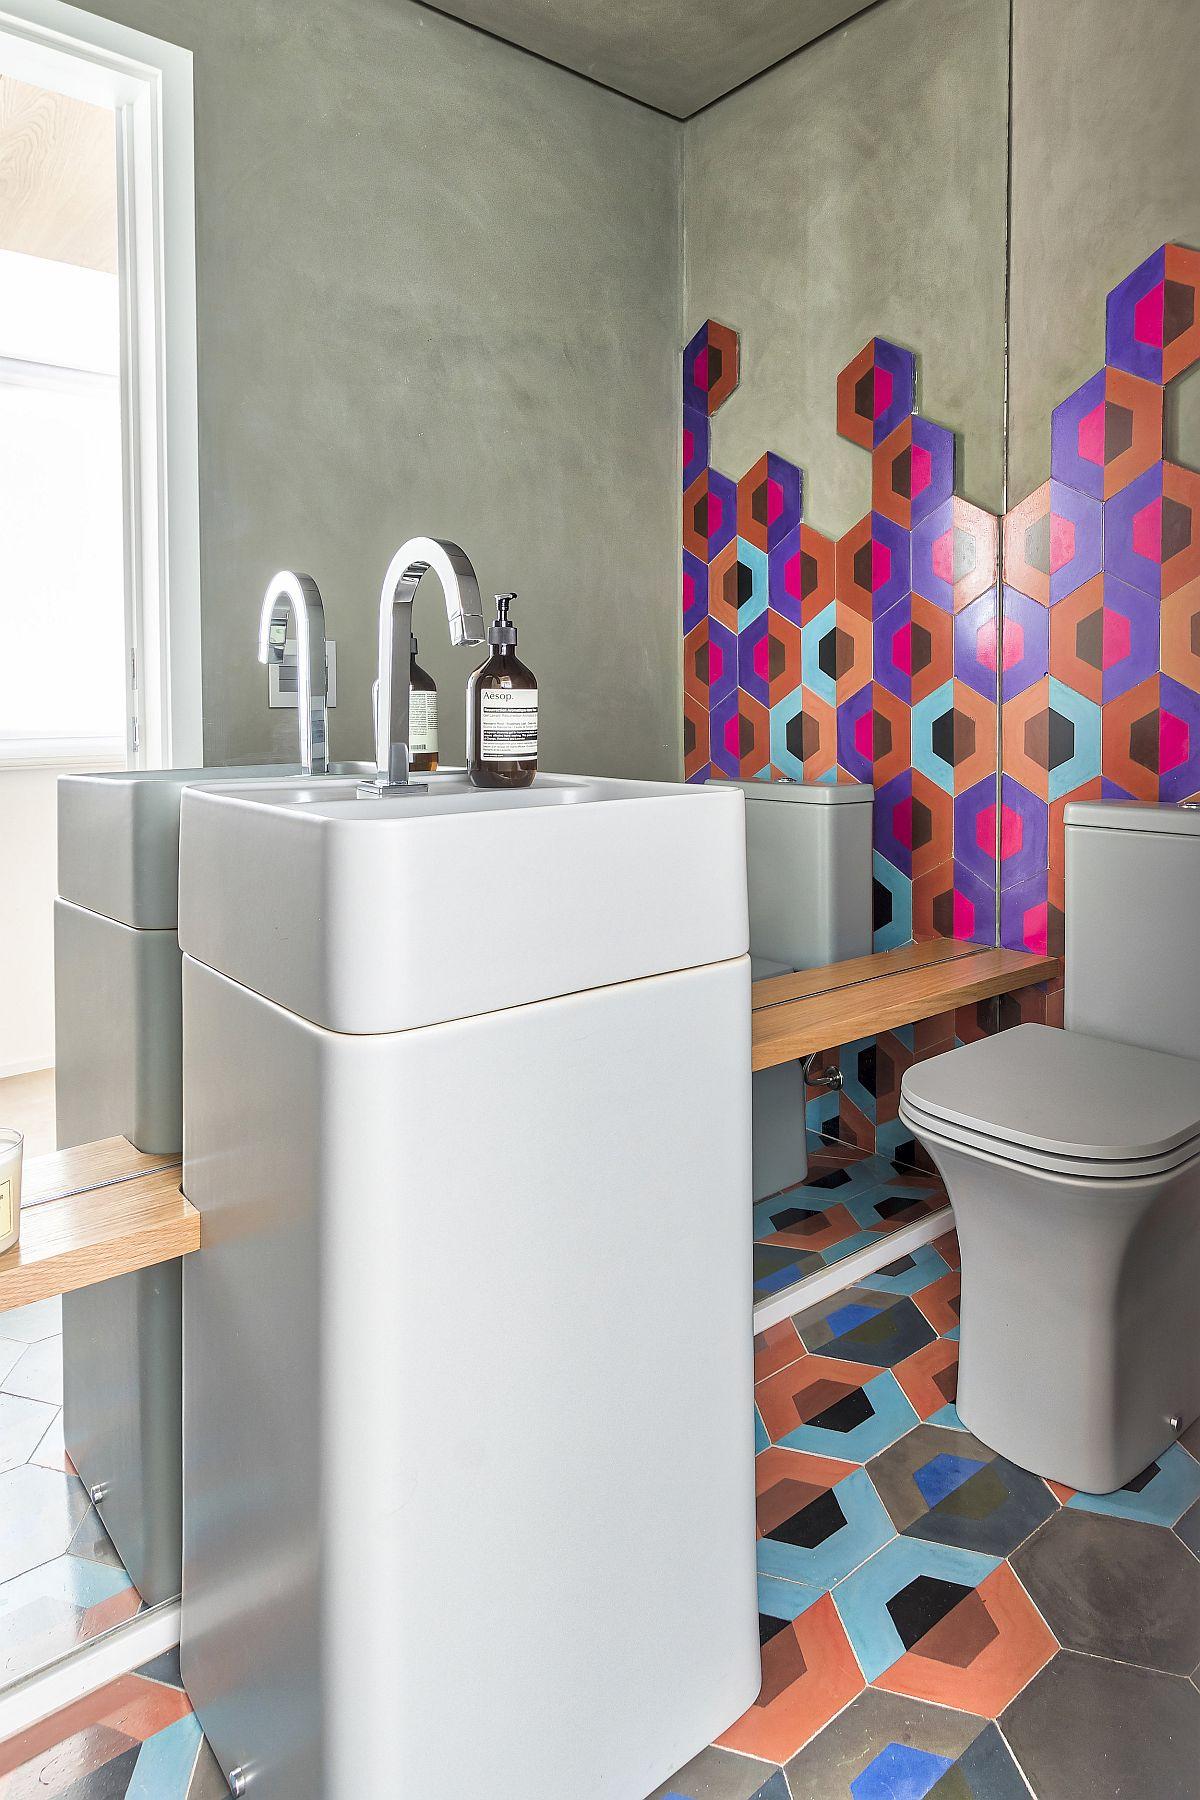 Baie de serviciu mică, dar care se dorește de impact pentru că este cel mai des folosită de către oaspeți? Da, poate fi fără duș, doar cu lavoar și vas de toaletă, adică grup sanitar de serviciu, unde suprafața oglinzilor să fie mare pentru a da impresia de mai mult spațiu. Aici arhitectelele au ales un lavoar cu un design mai special și au adăugat personalizare prin plăcile decorative care sunt fixate și pe pereți. Depozitare? Pe un raft îngust ce încadrează lavoarul.